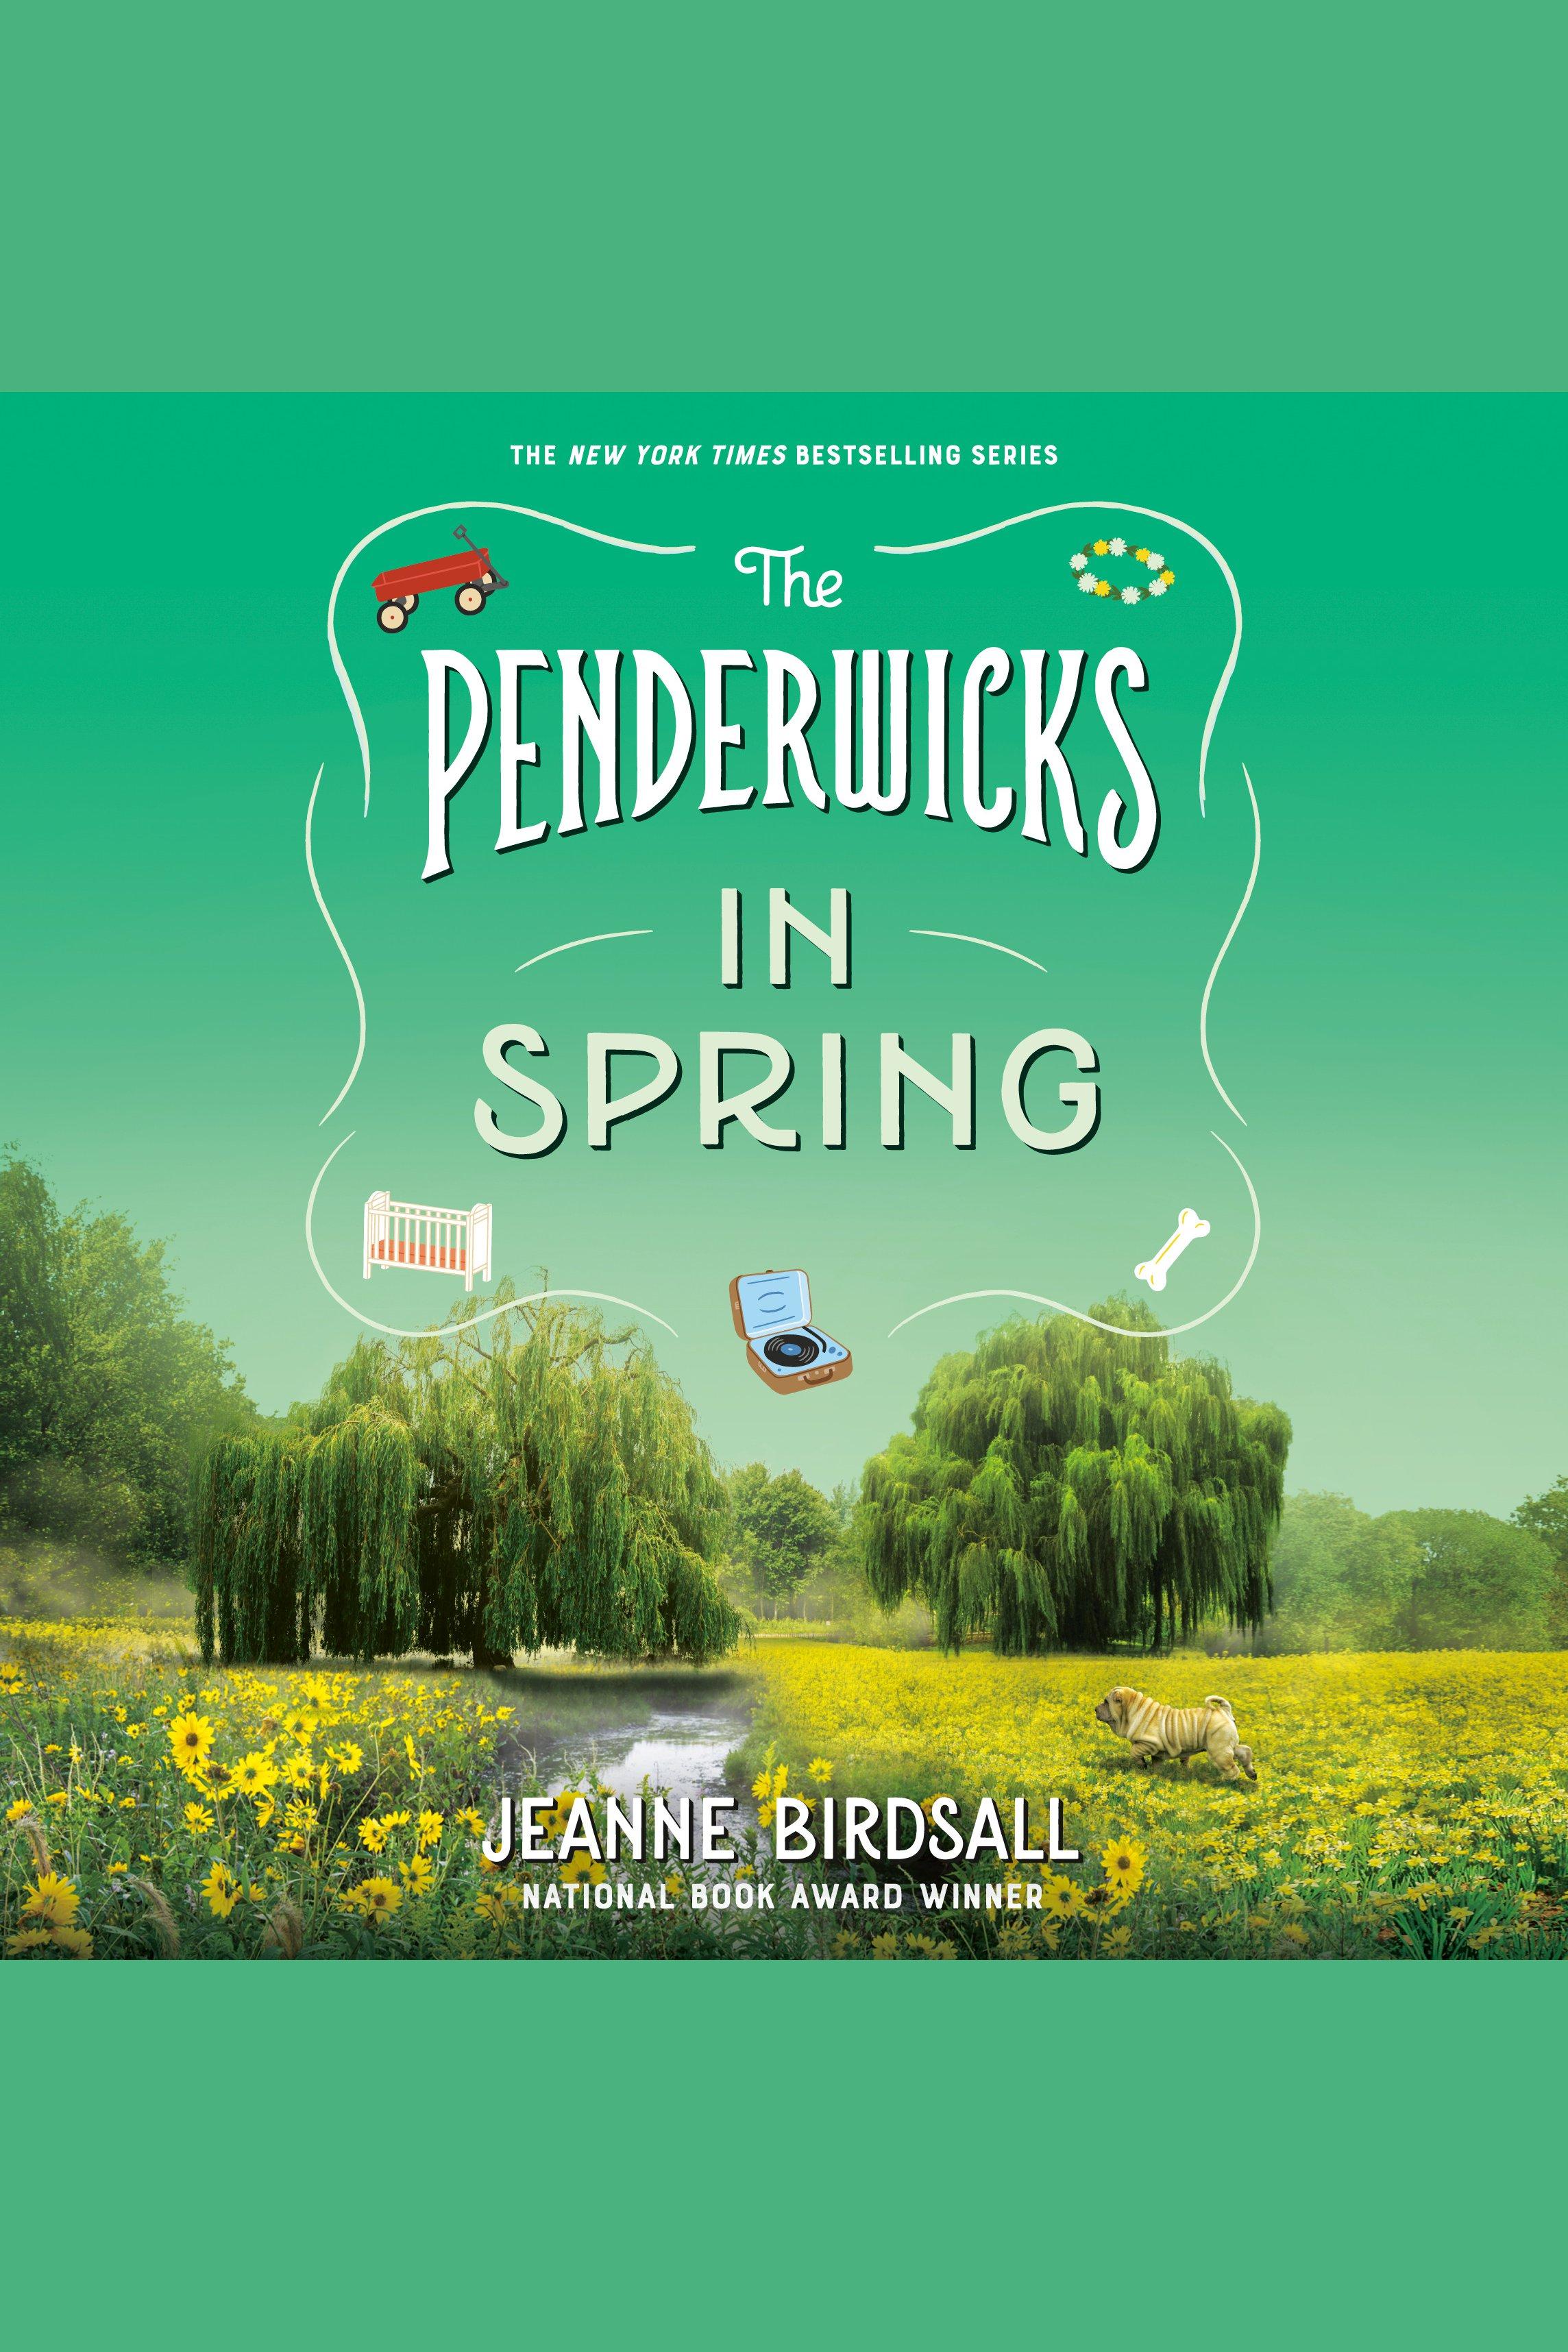 The Penderwicks in spring cover image